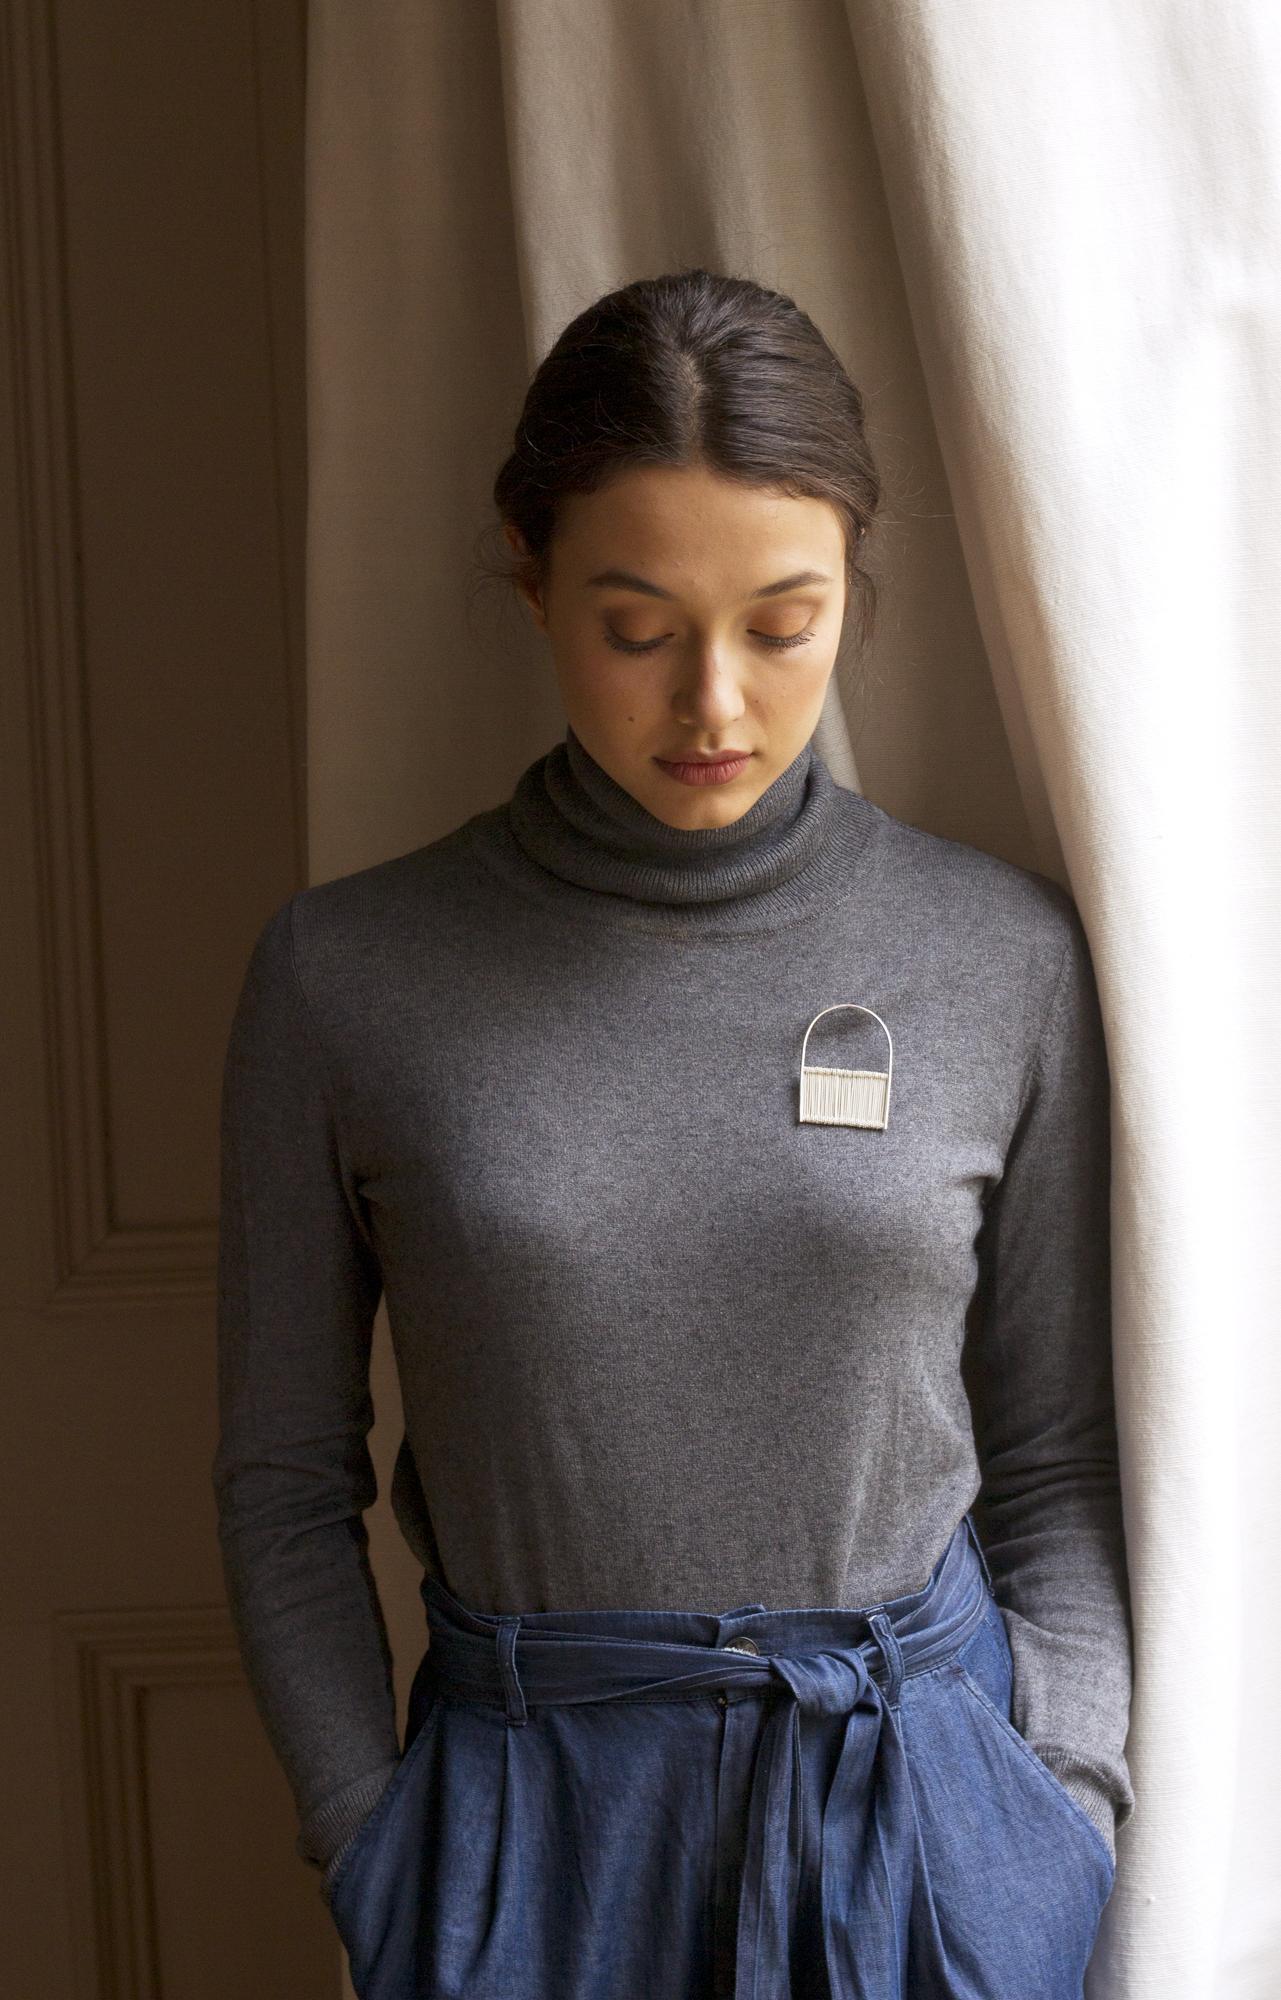 HEADLE pin in silver Photography -Katariina Yli-Malmi Model - Chiara Biscontin MUA - Shelley Yadav